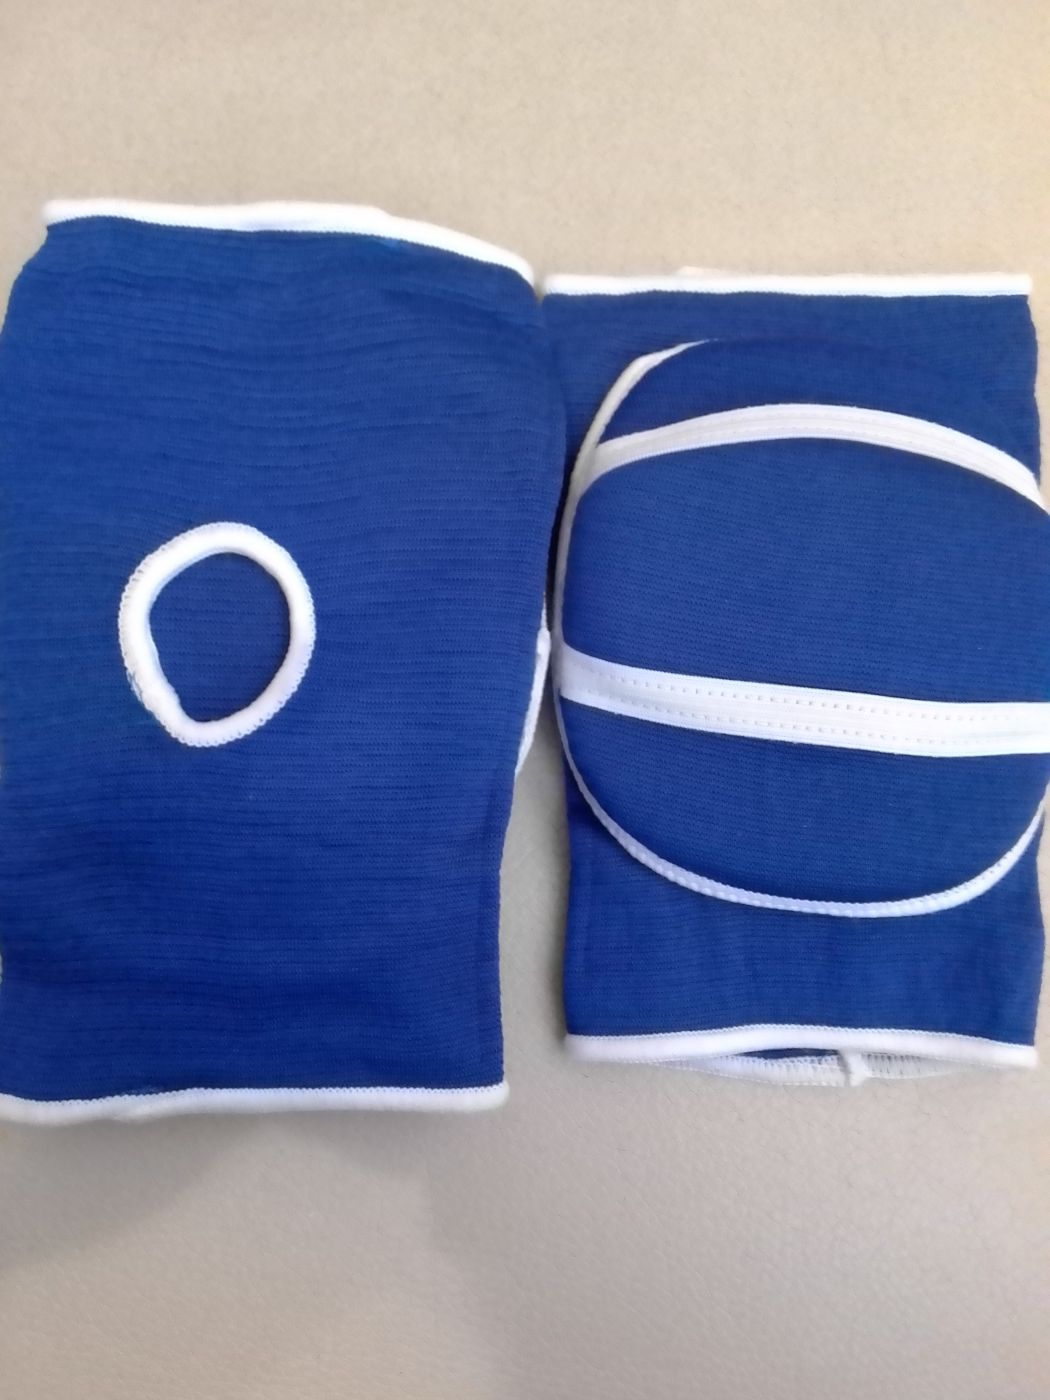 Наколенники волейбольные синие SPRINTER.размер М. 05601